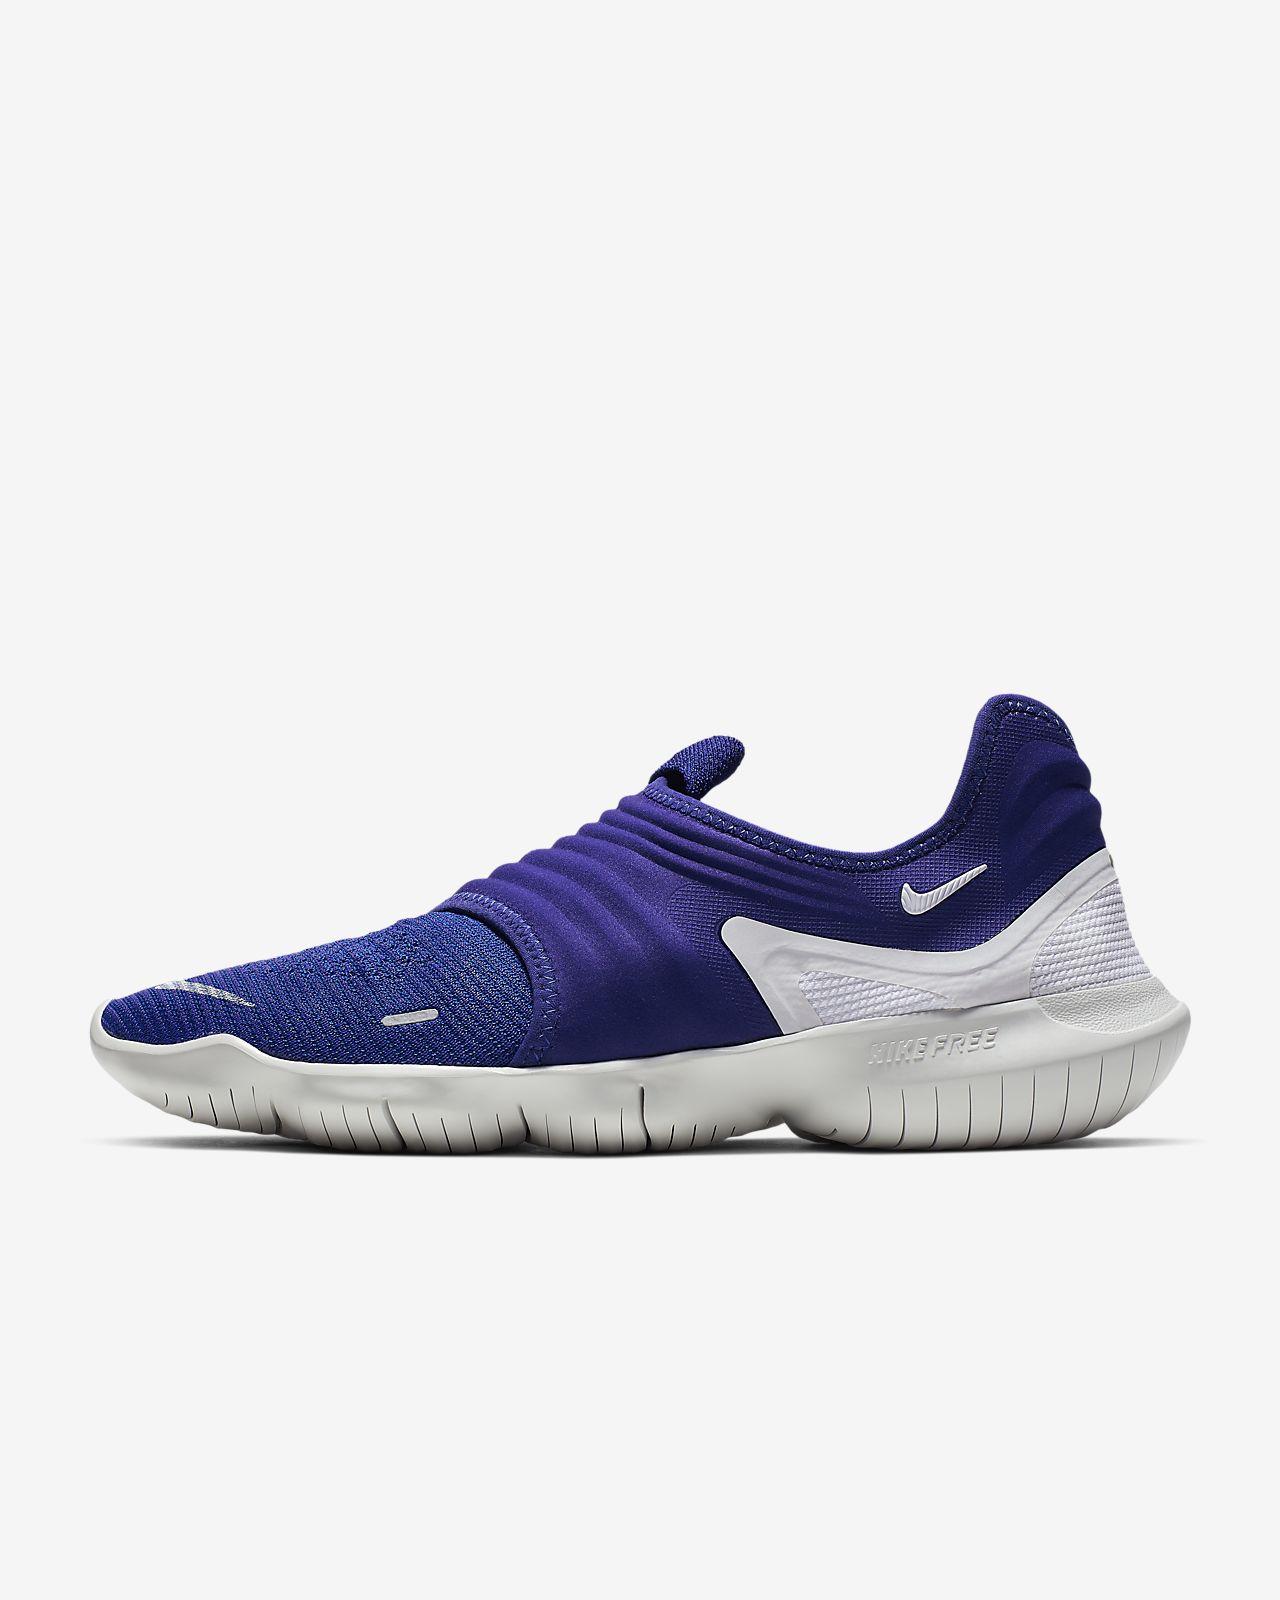 online store e01b6 369d2 Nike Free RN Flyknit 3.0